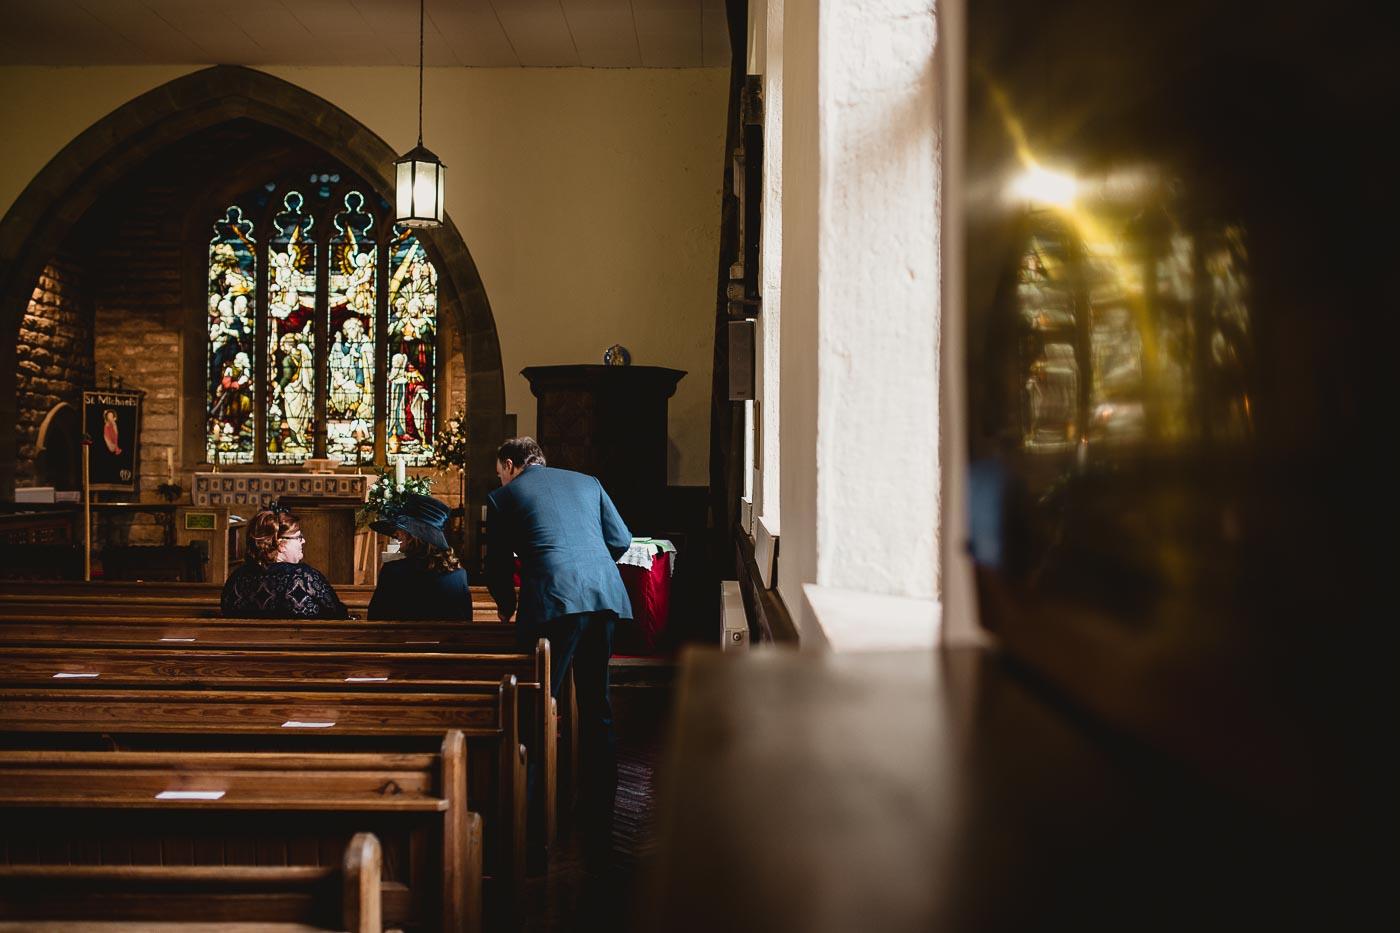 wedding guests sitting down in the church, A summer church wedding